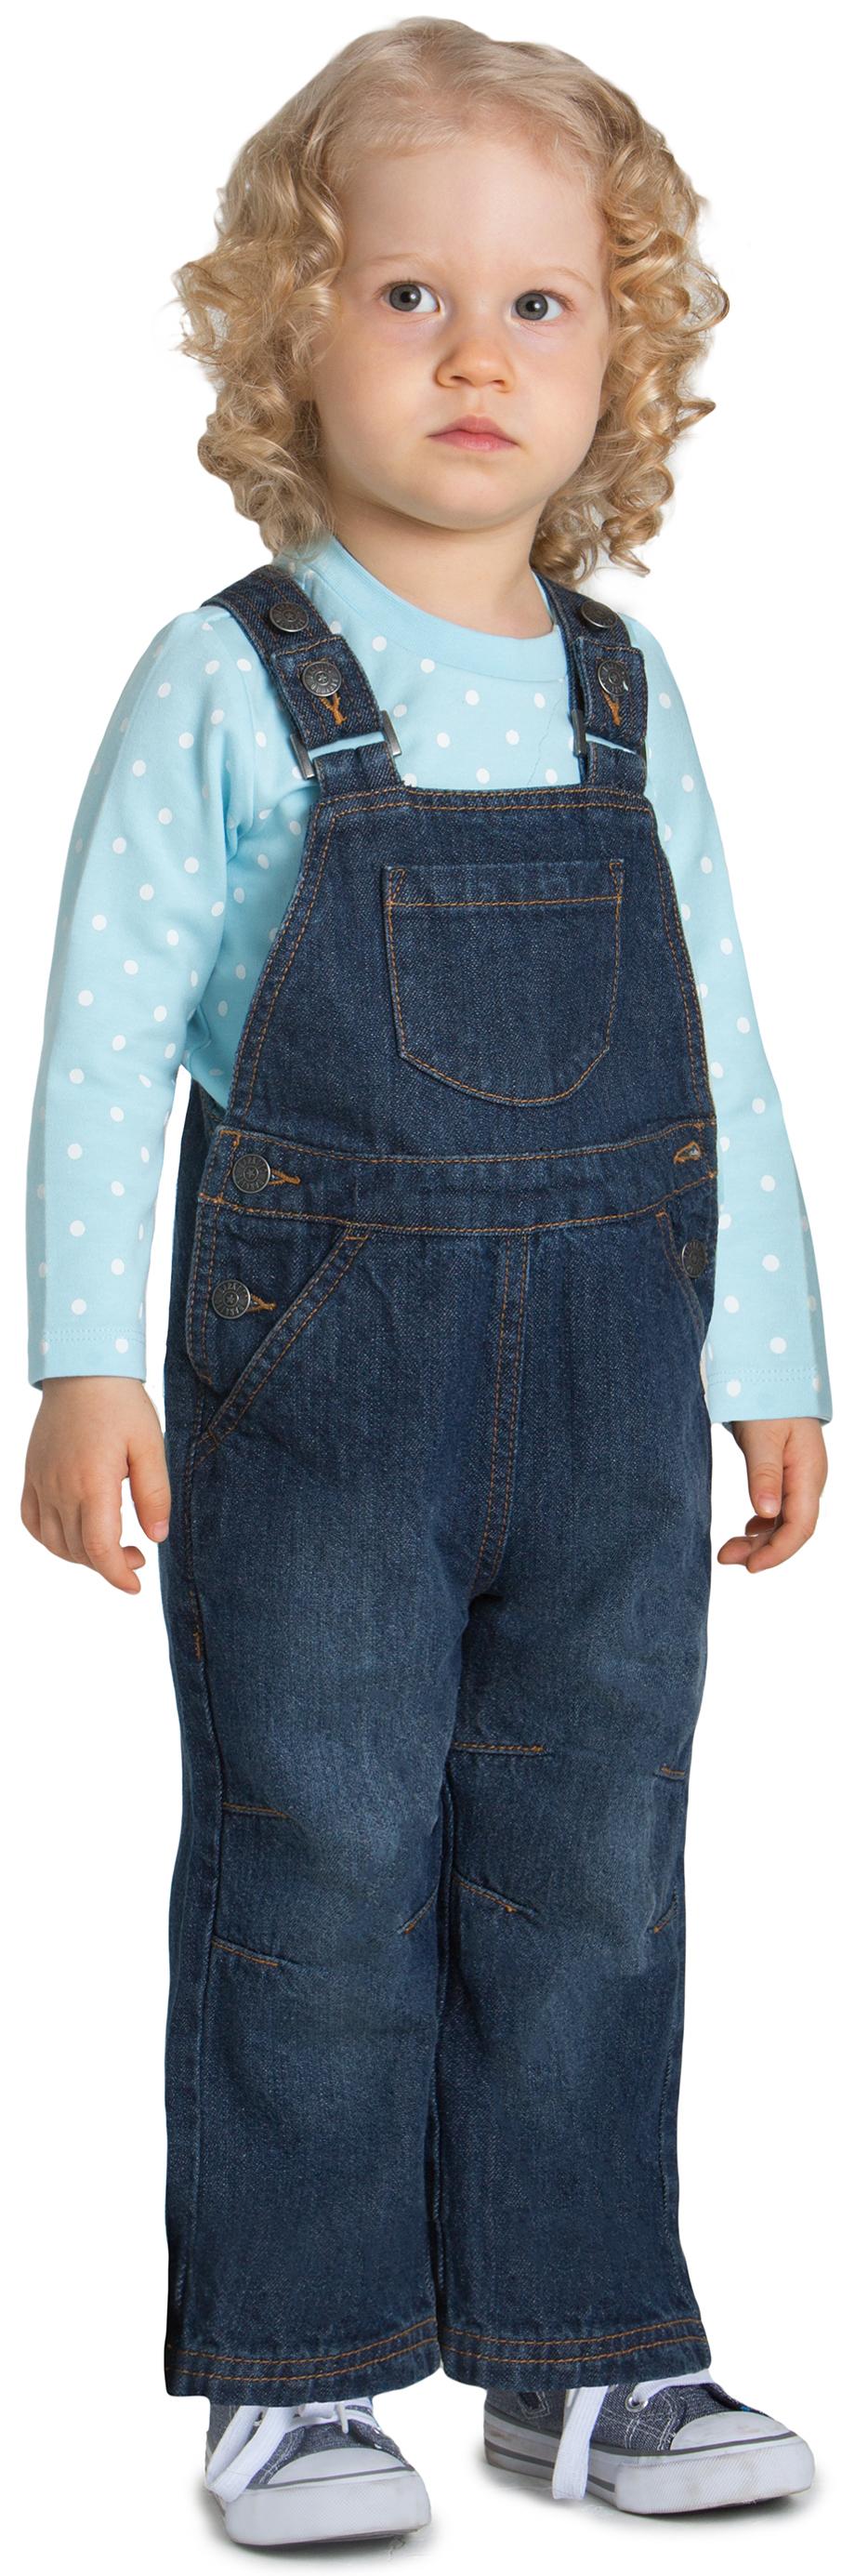 Полукомбинезон для мальчика Barkito Деним полукомбинезон джинсовый для мальчика barkito деним